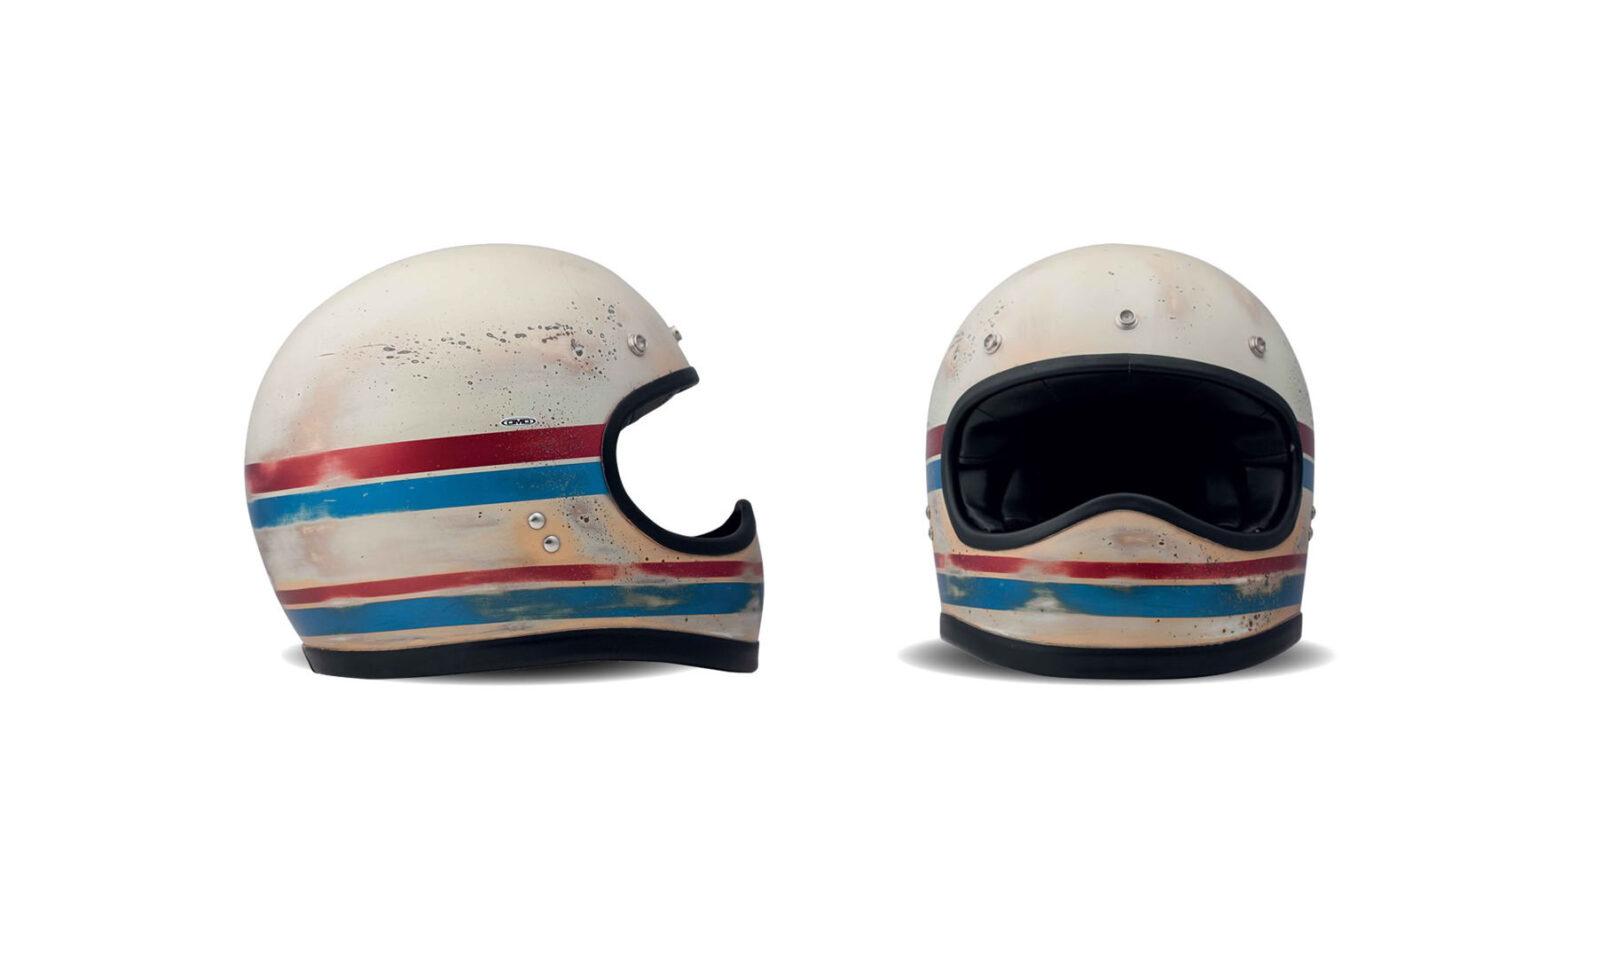 DMD Rocket Helmet 1600x960 - DMD Racer Helmet